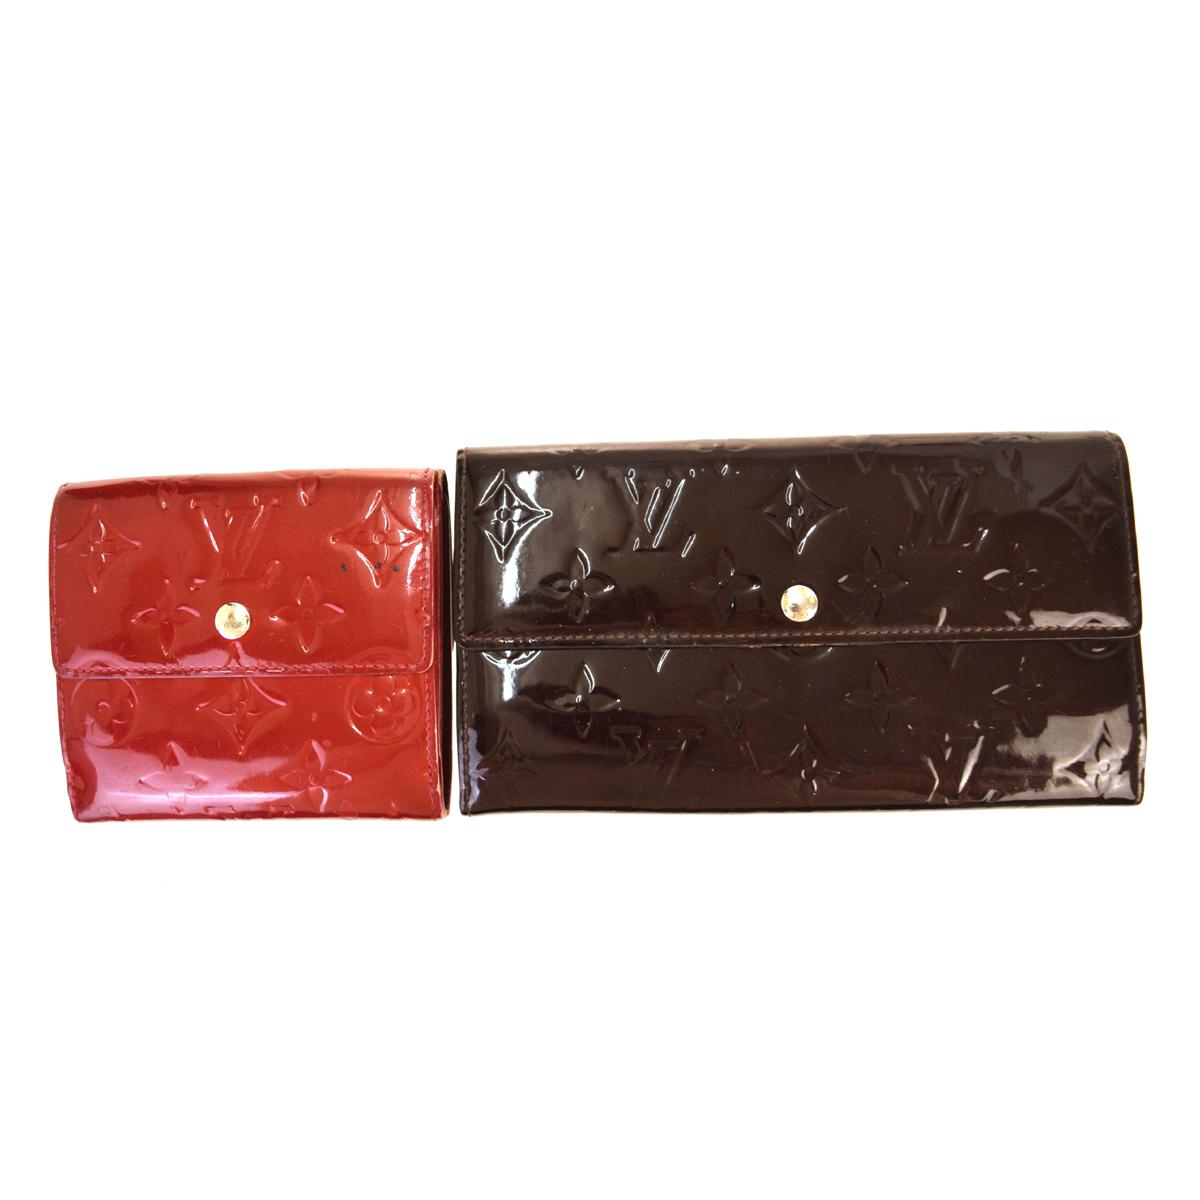 【中古】 ルイ・ヴィトン(Louis Vuitton) モノグラムヴェルニ 2点セット パテントレザー 財布(二つ折り) アマラント,レッド 01PA336